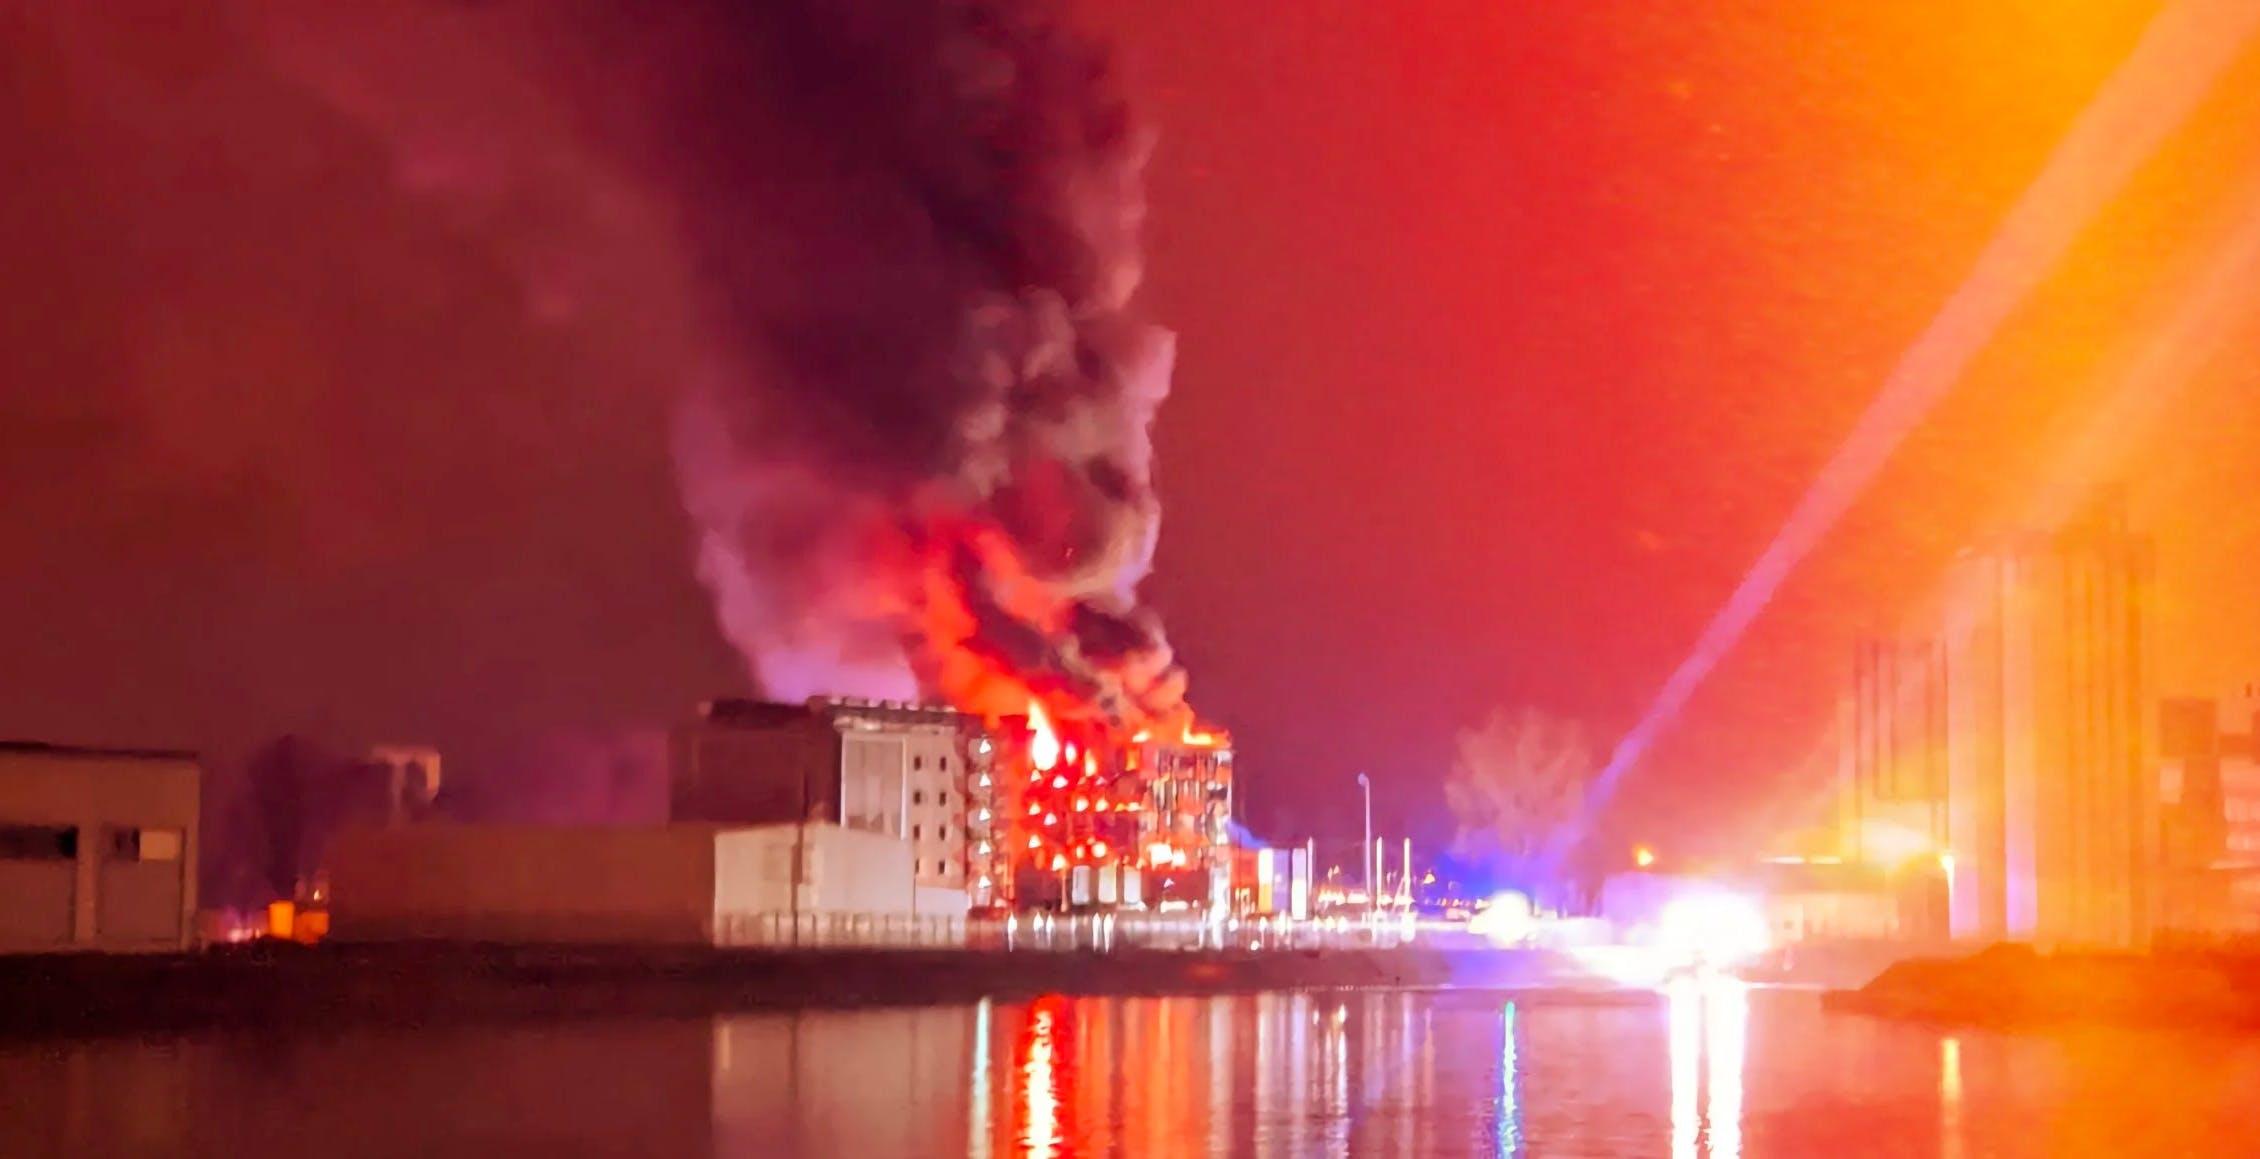 OVH e il datacenter in fiamme. Perché può succedere e perché i dati sono persi per sempre